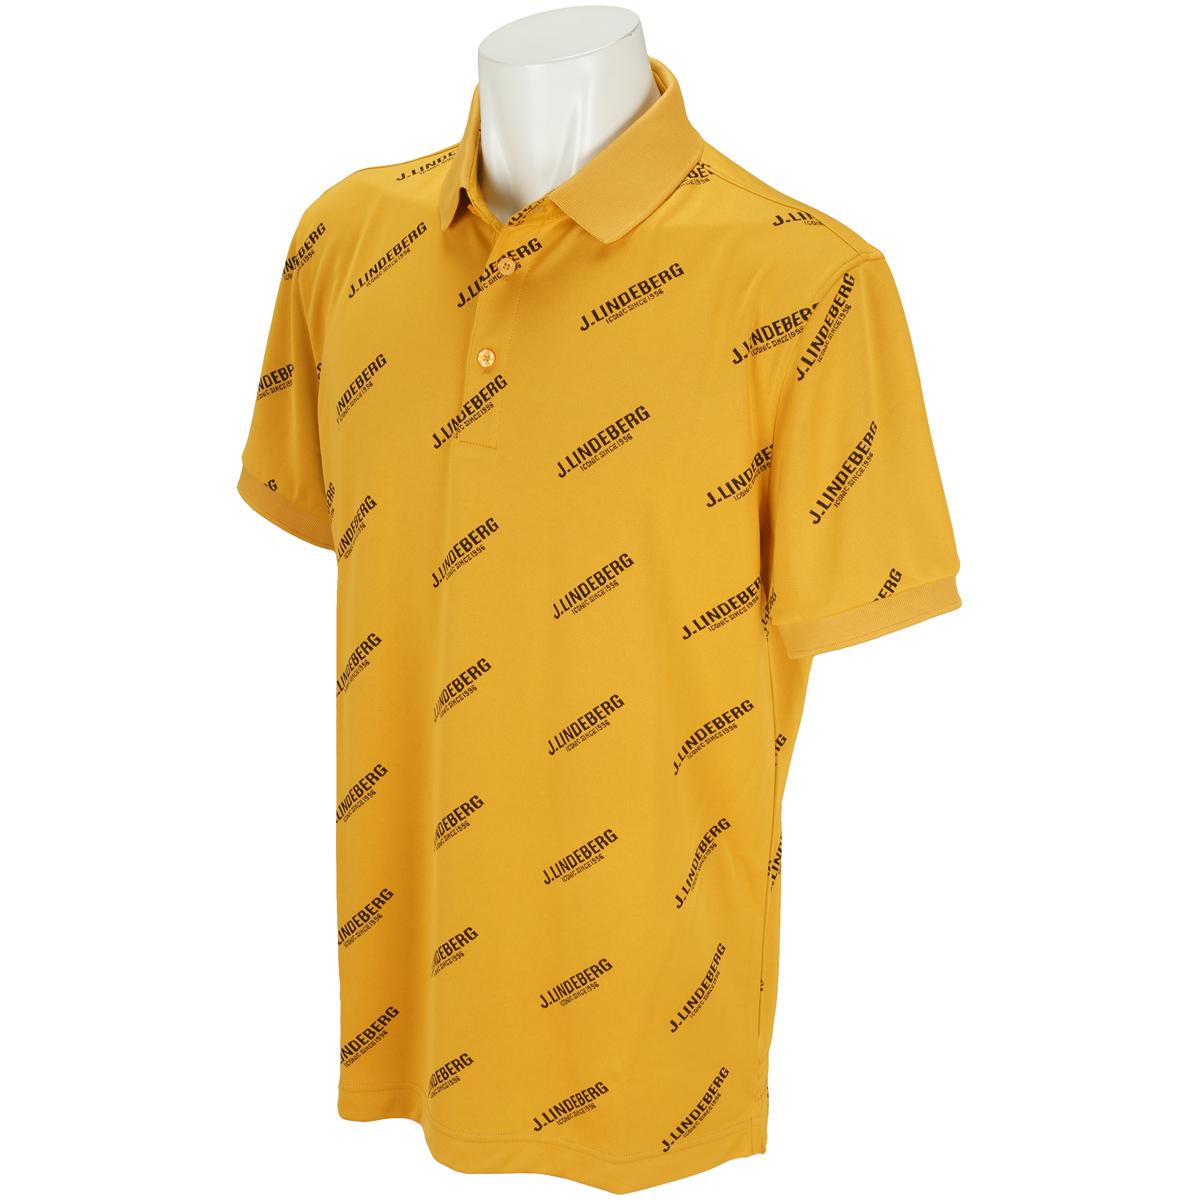 限定モデル Allover printed logos on M TOUR TECH SLIM TX JERSEY ストレッチ半袖ポロシャツ